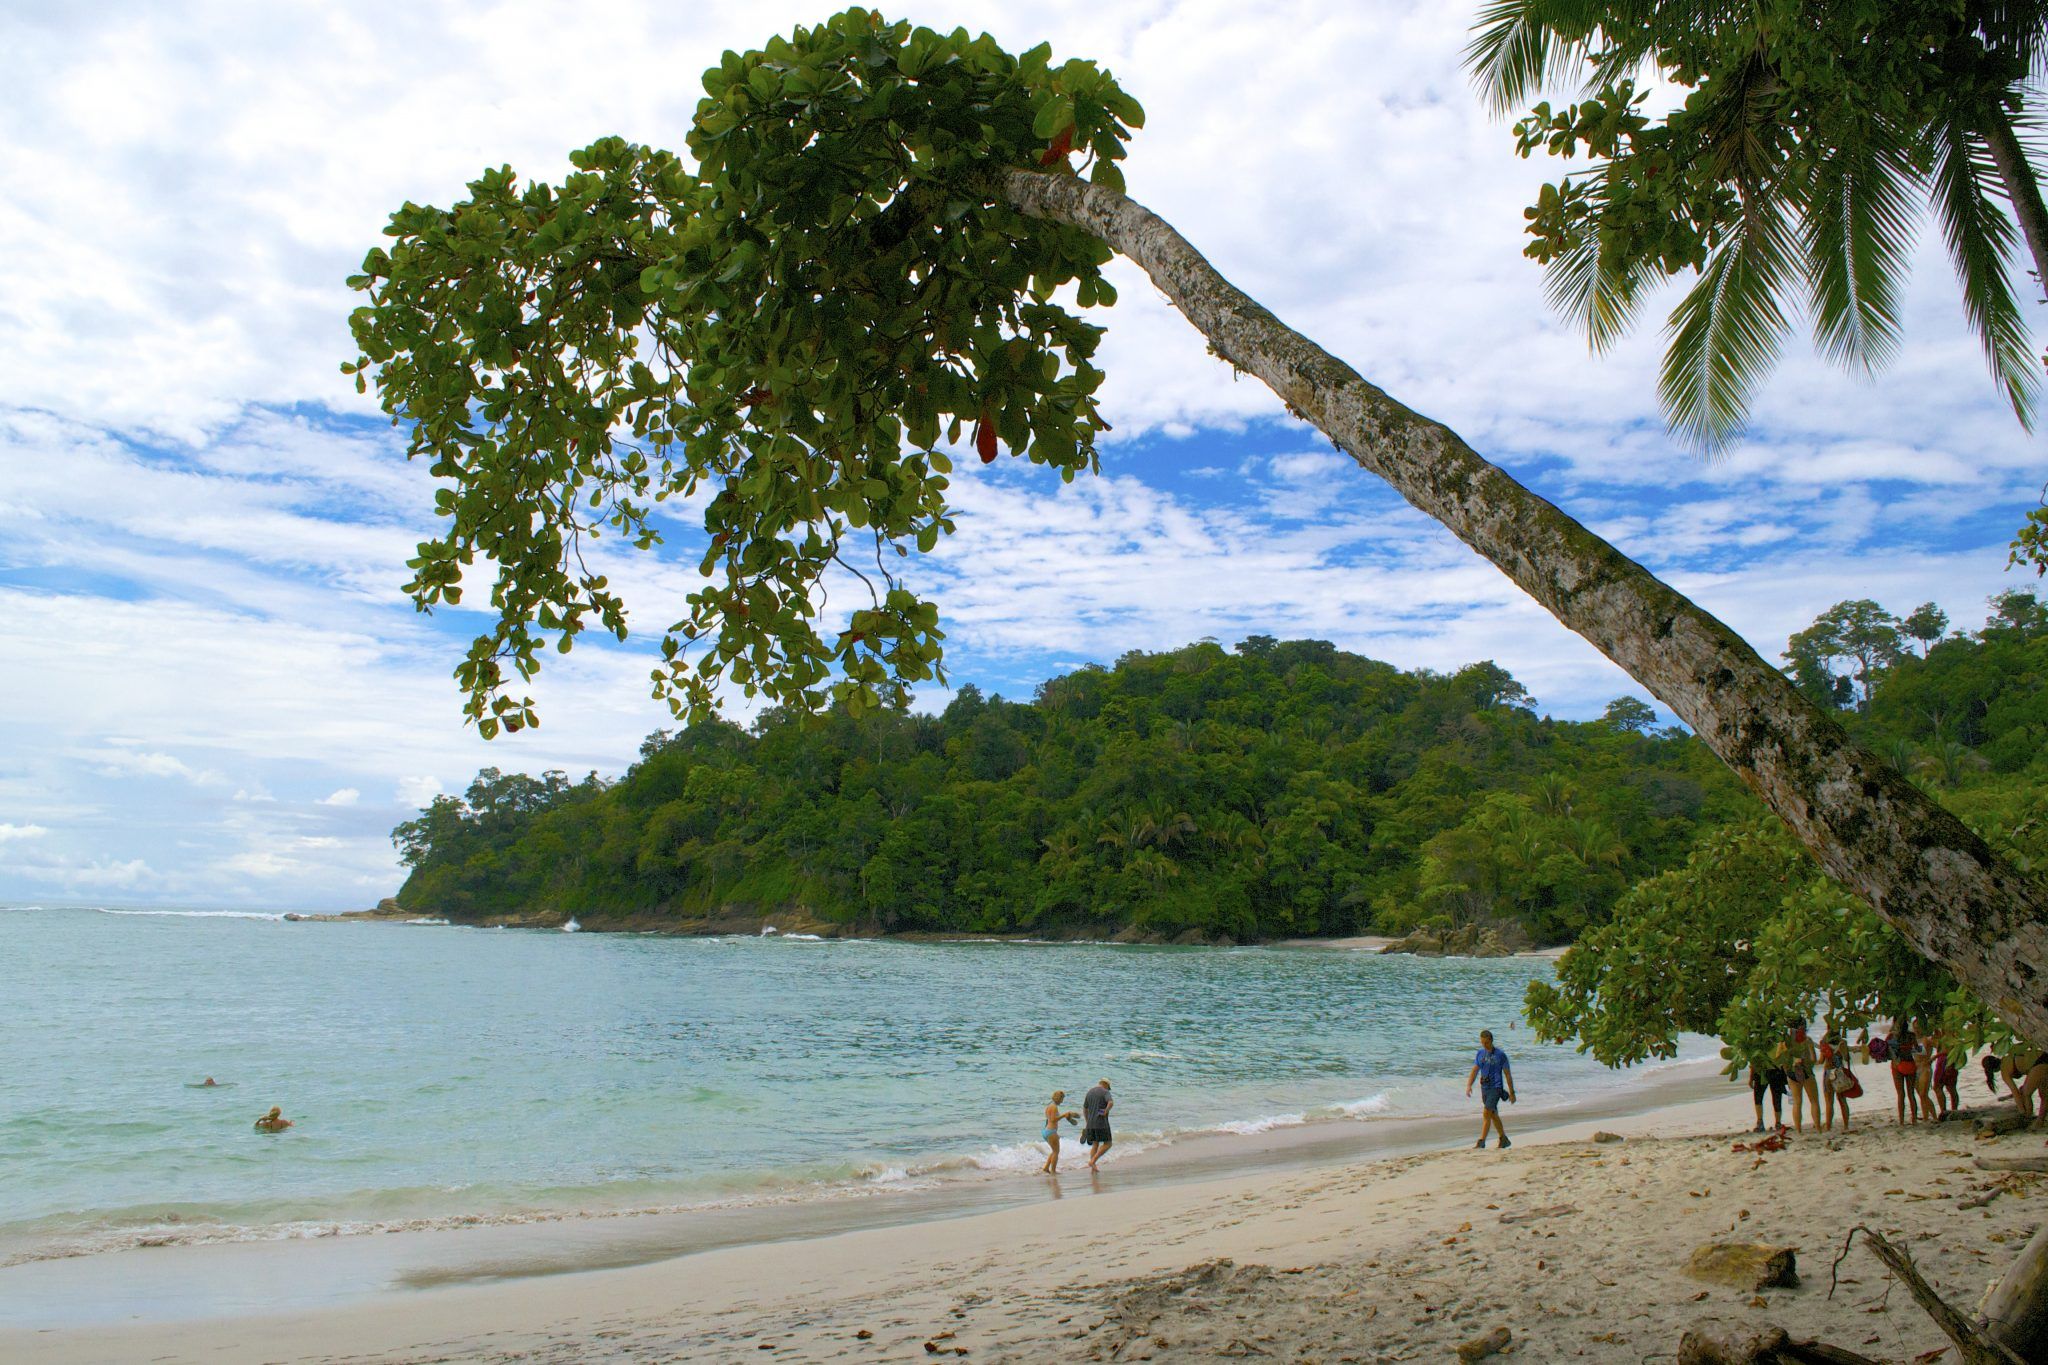 biezans beach, points of interest, hotel la mariposa, manuel antonio, quepos, costa rica